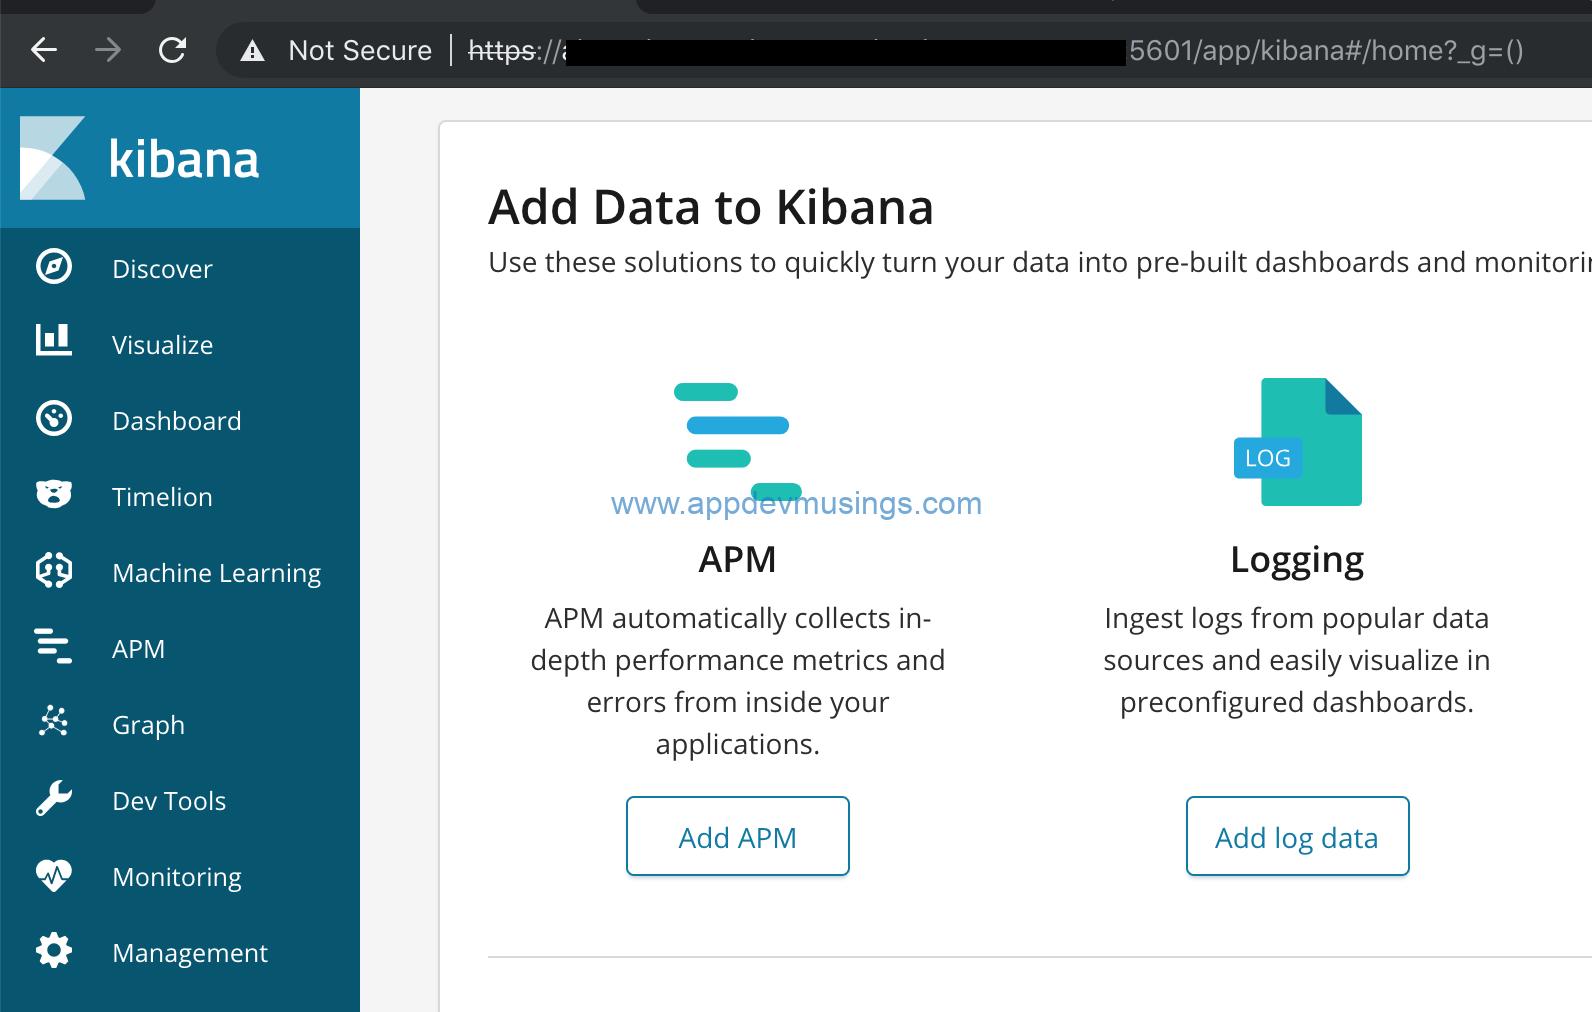 Azure Kubernetes Service (AKS): Azure AD SAML based Single Sign on